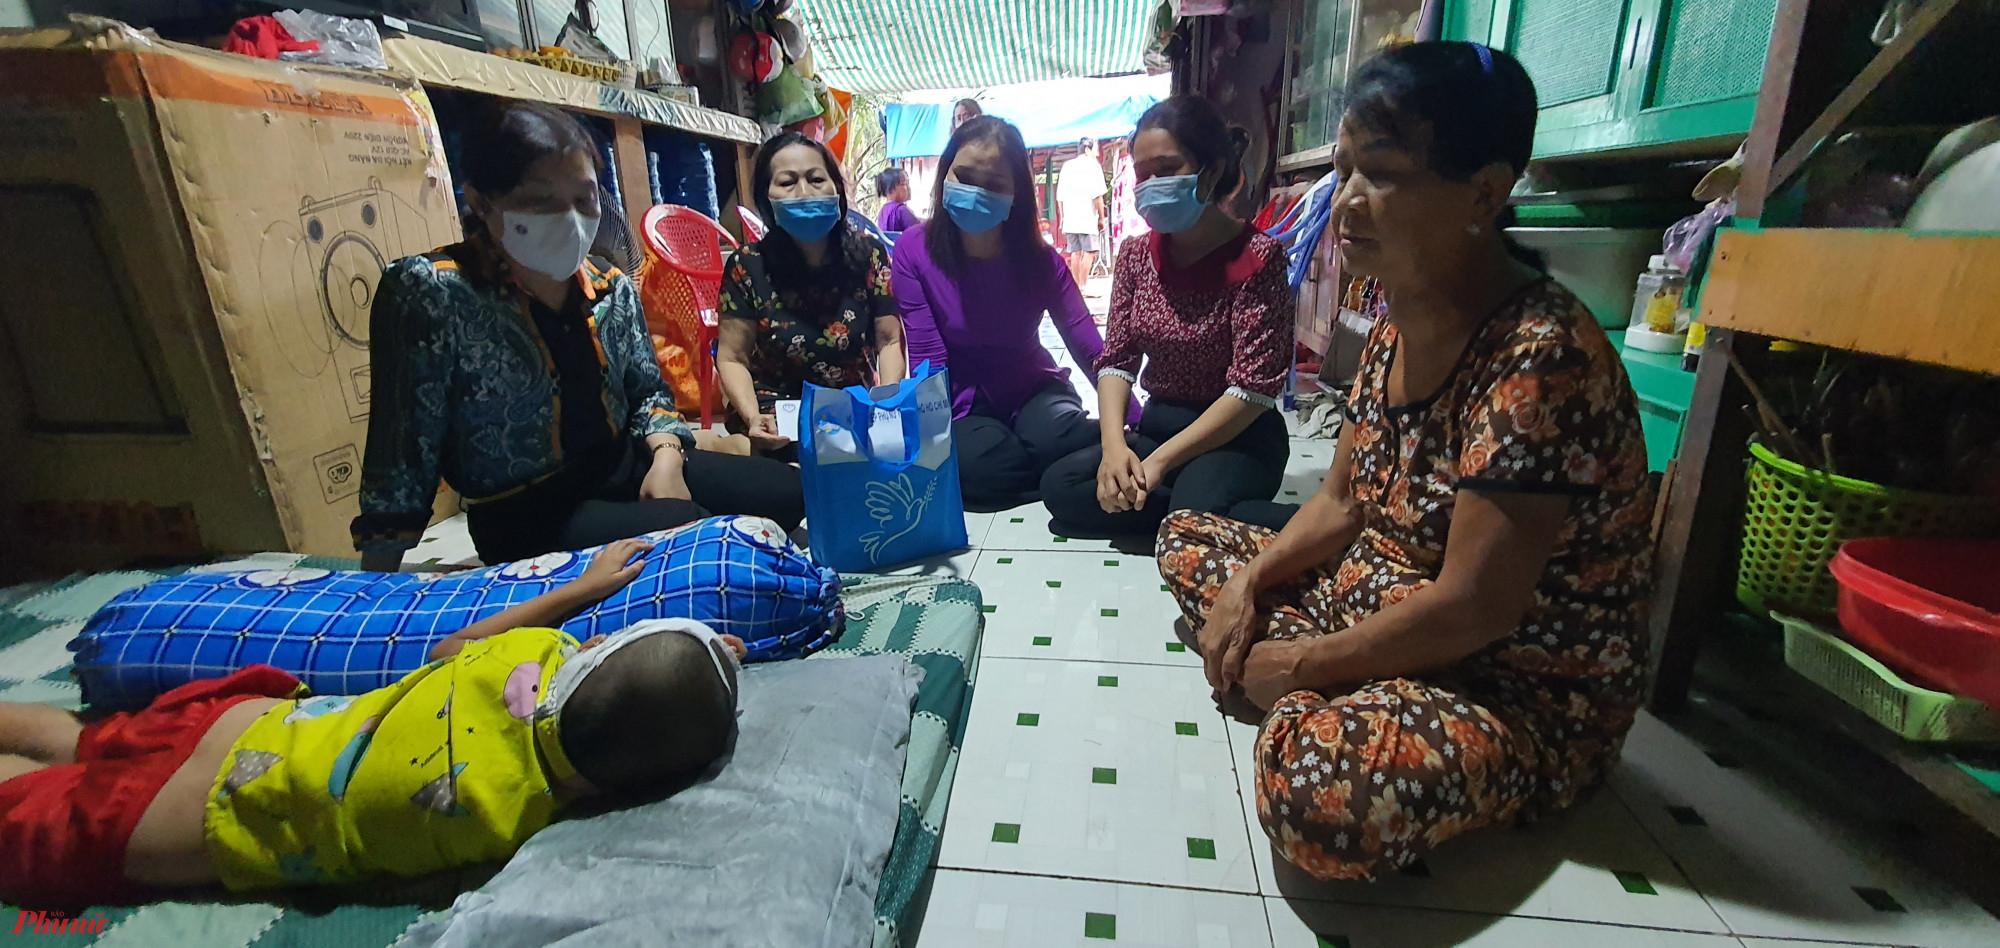 Cháu Vũ hiện được đưa về gia đình chăm sóc để đảm bảo sức khỏe trong tình hình dịch bệnh